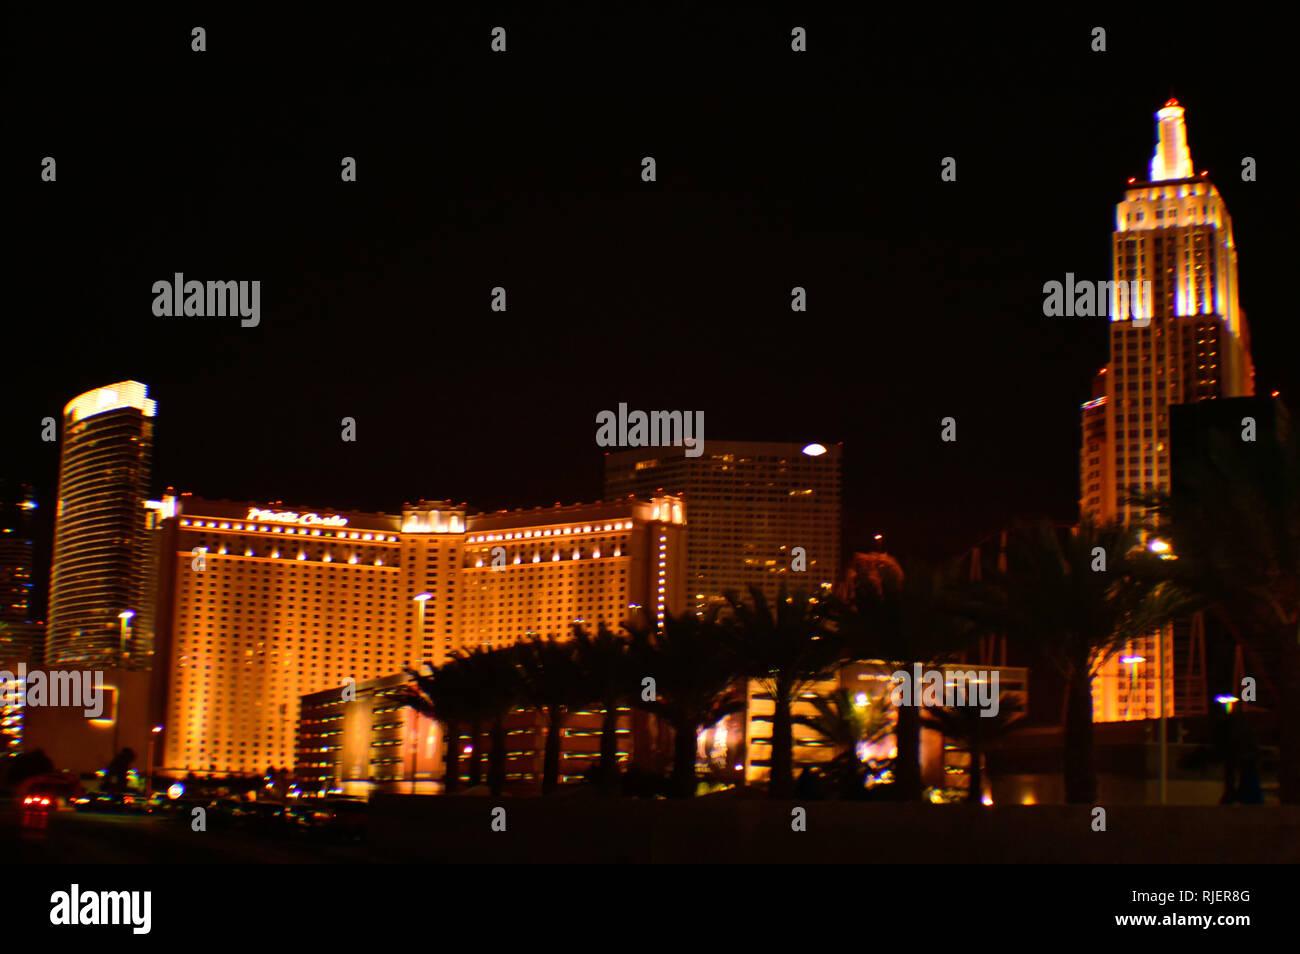 Las Vegas, Nevada, USA - May 26, 2014: CityCenter Las Vegas Stock Photo